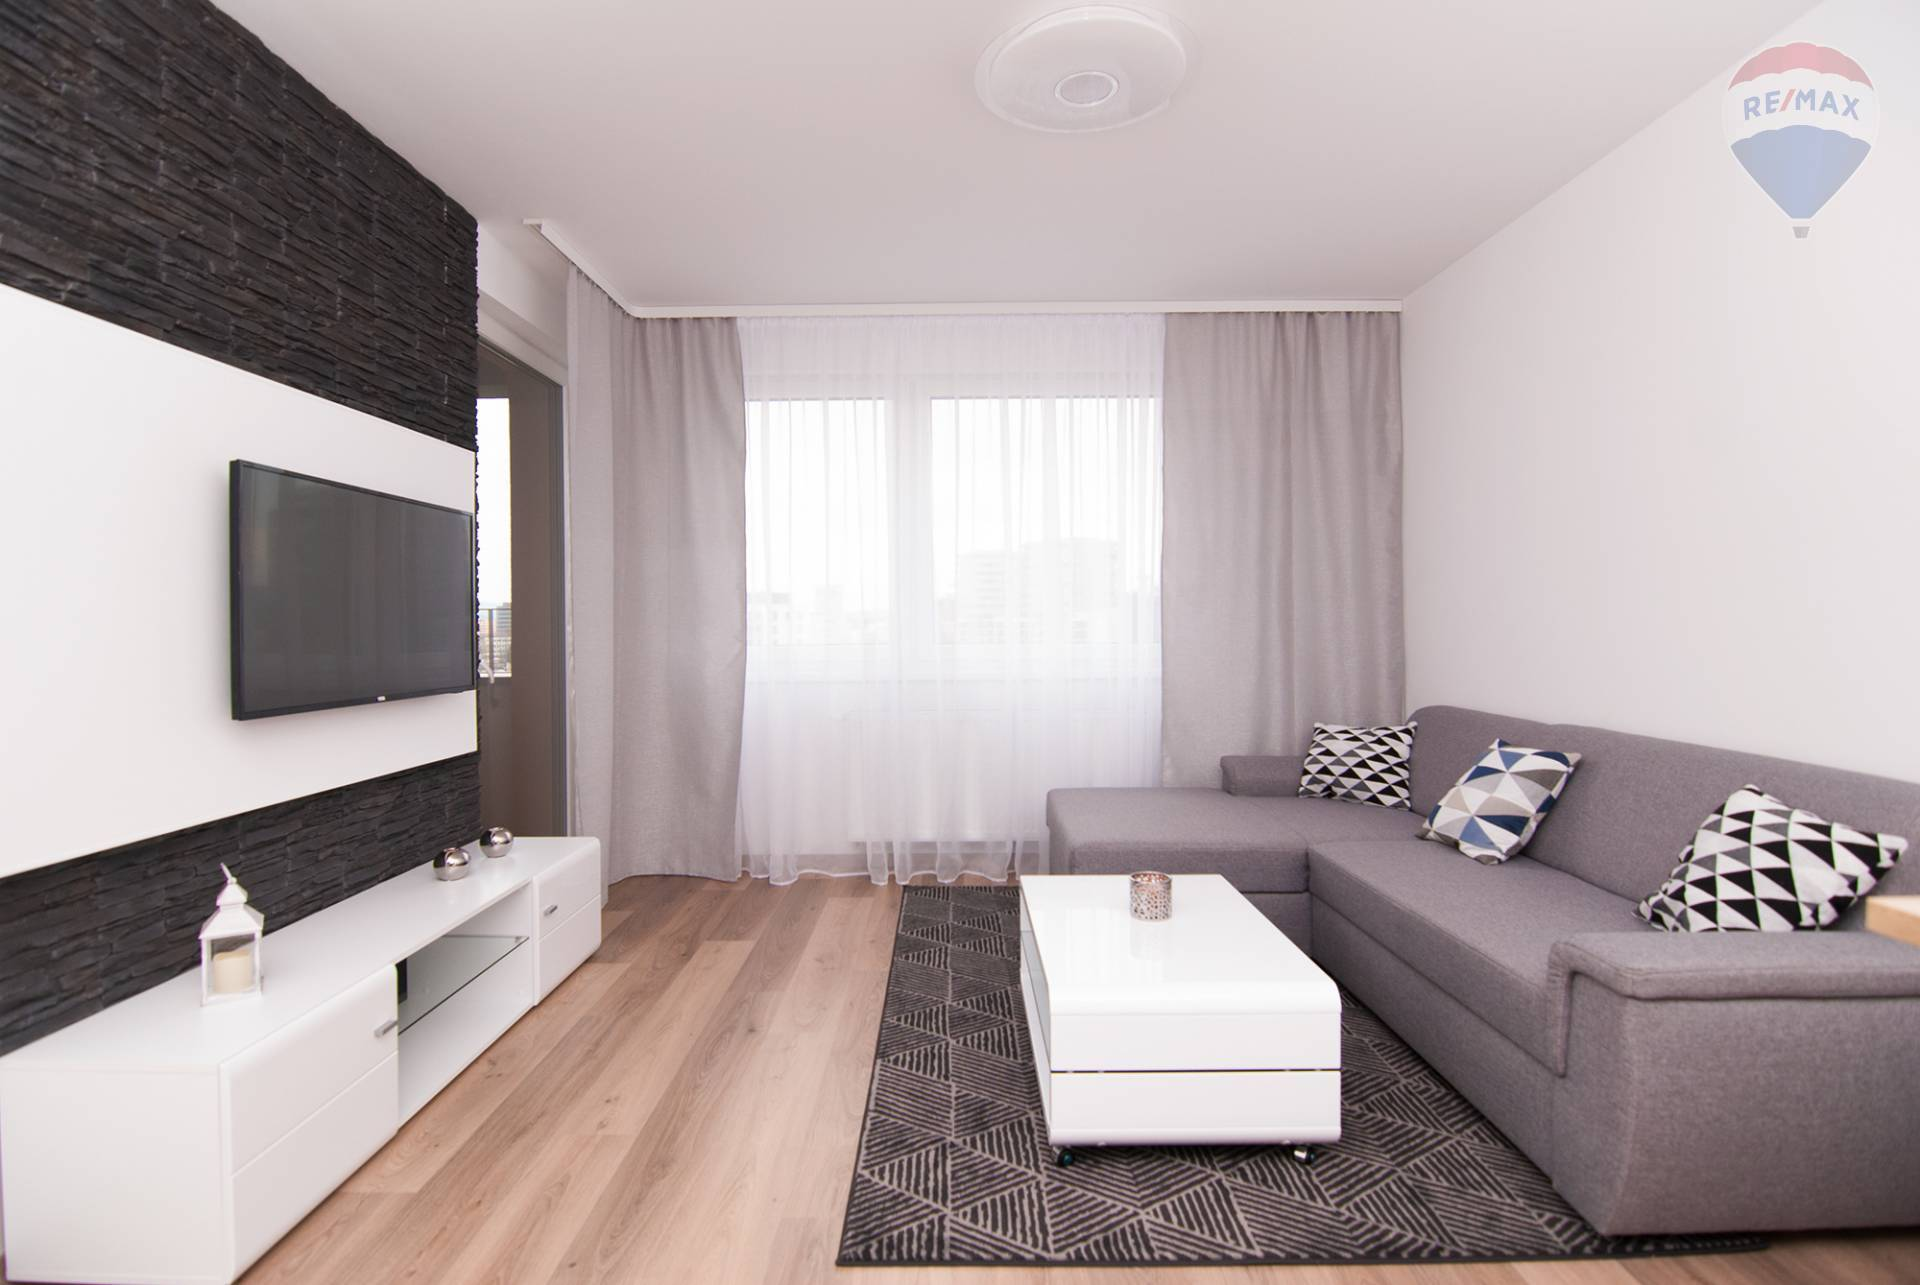 Prenájom bytu (2 izbový) 48 m2, Bratislava - Petržalka - obývacia izba